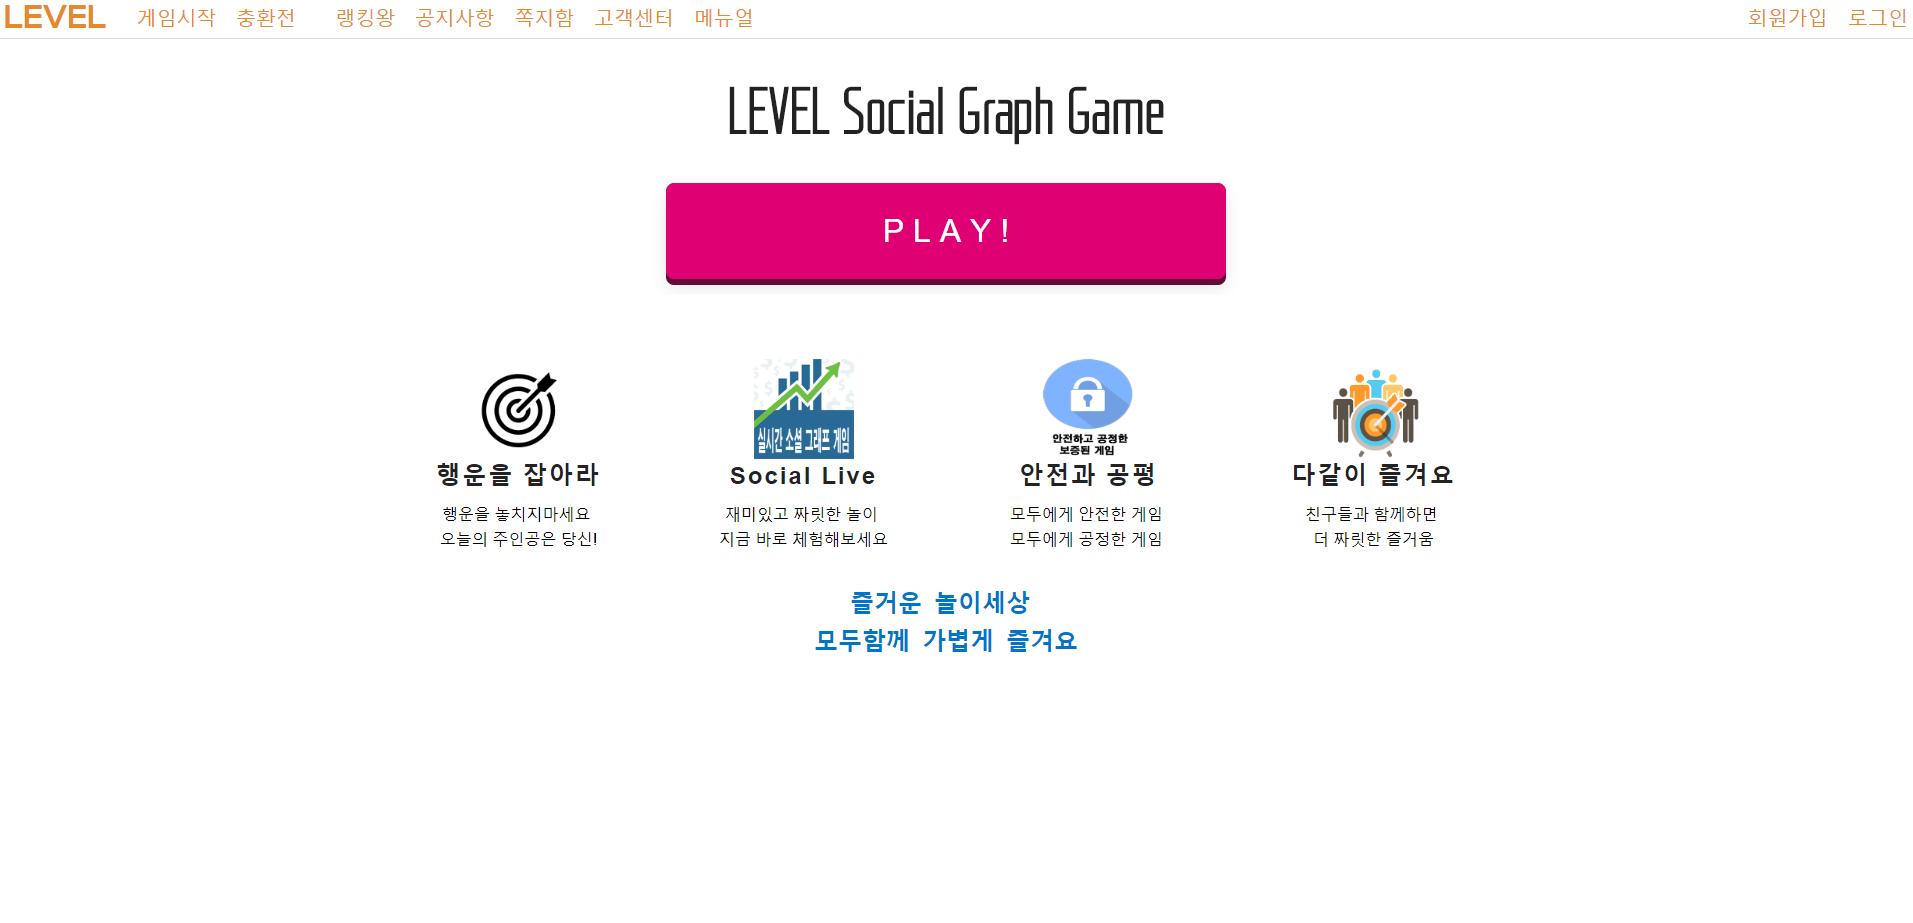 [먹튀검증]레벨(Level) lev-351.com 먹튀사이트 확정 토토사이트 먹튀검증업체 토토안내소